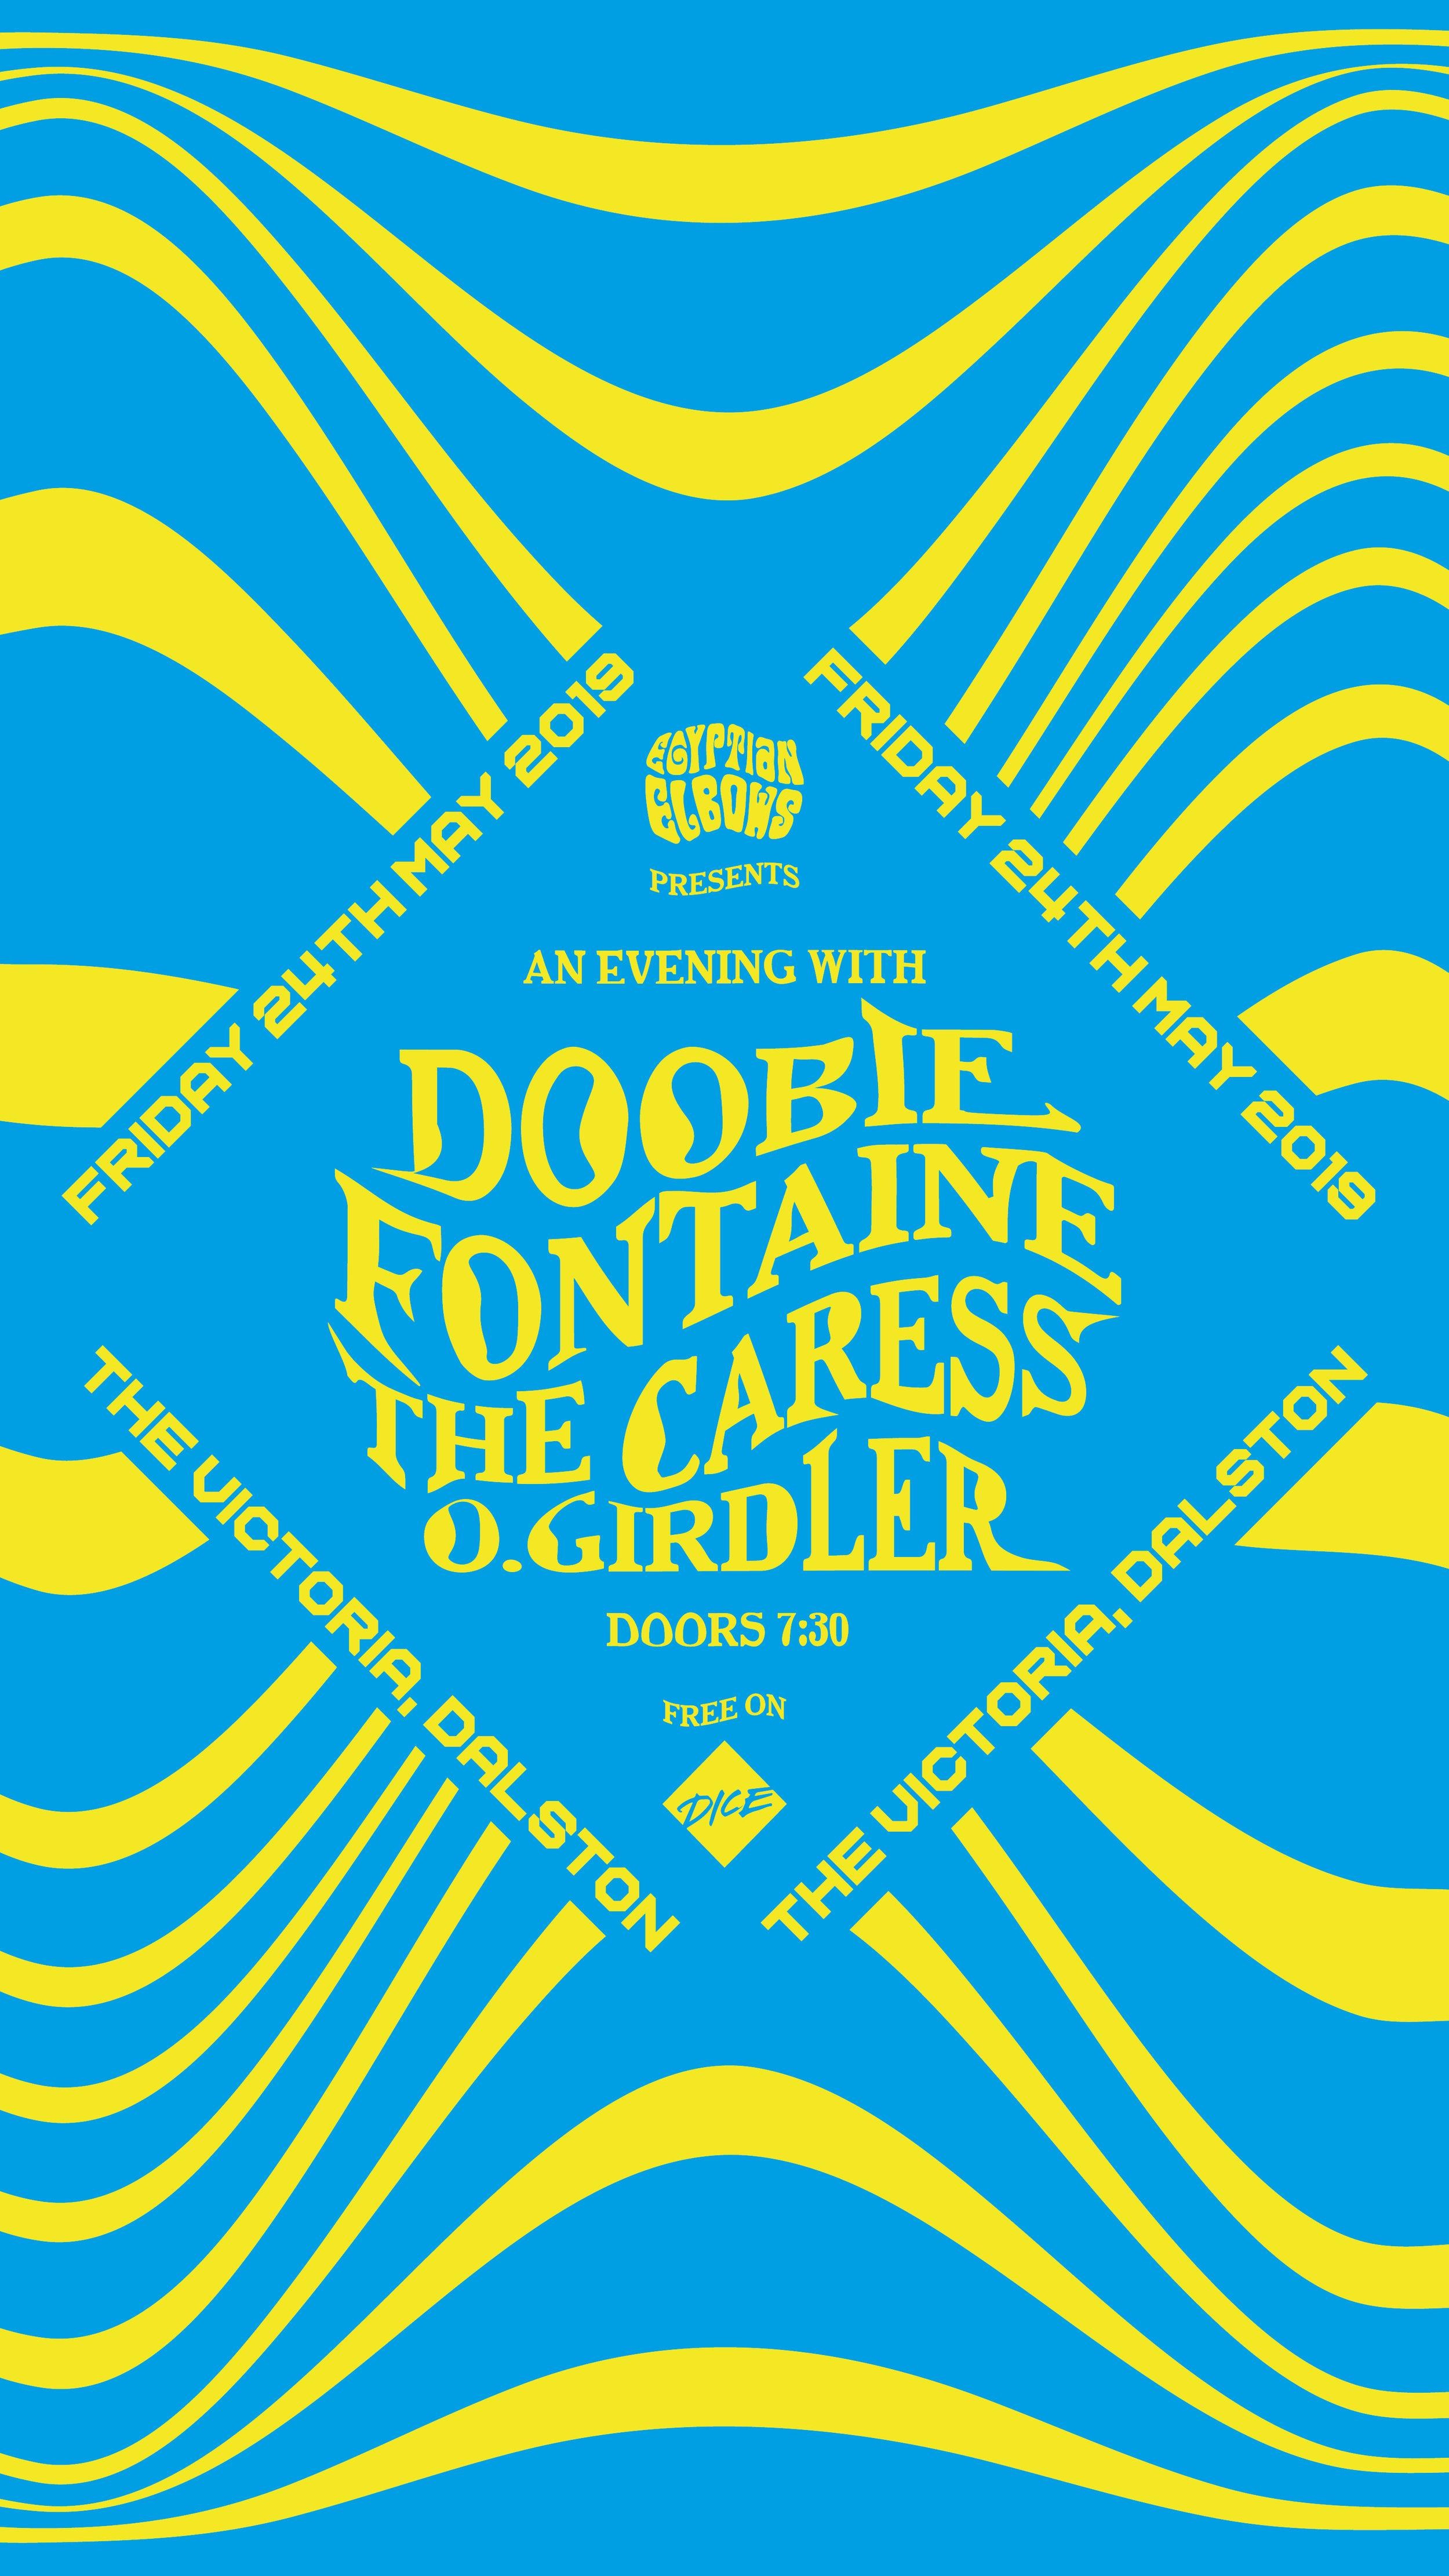 290319 Doobie Fontaine-07.jpg